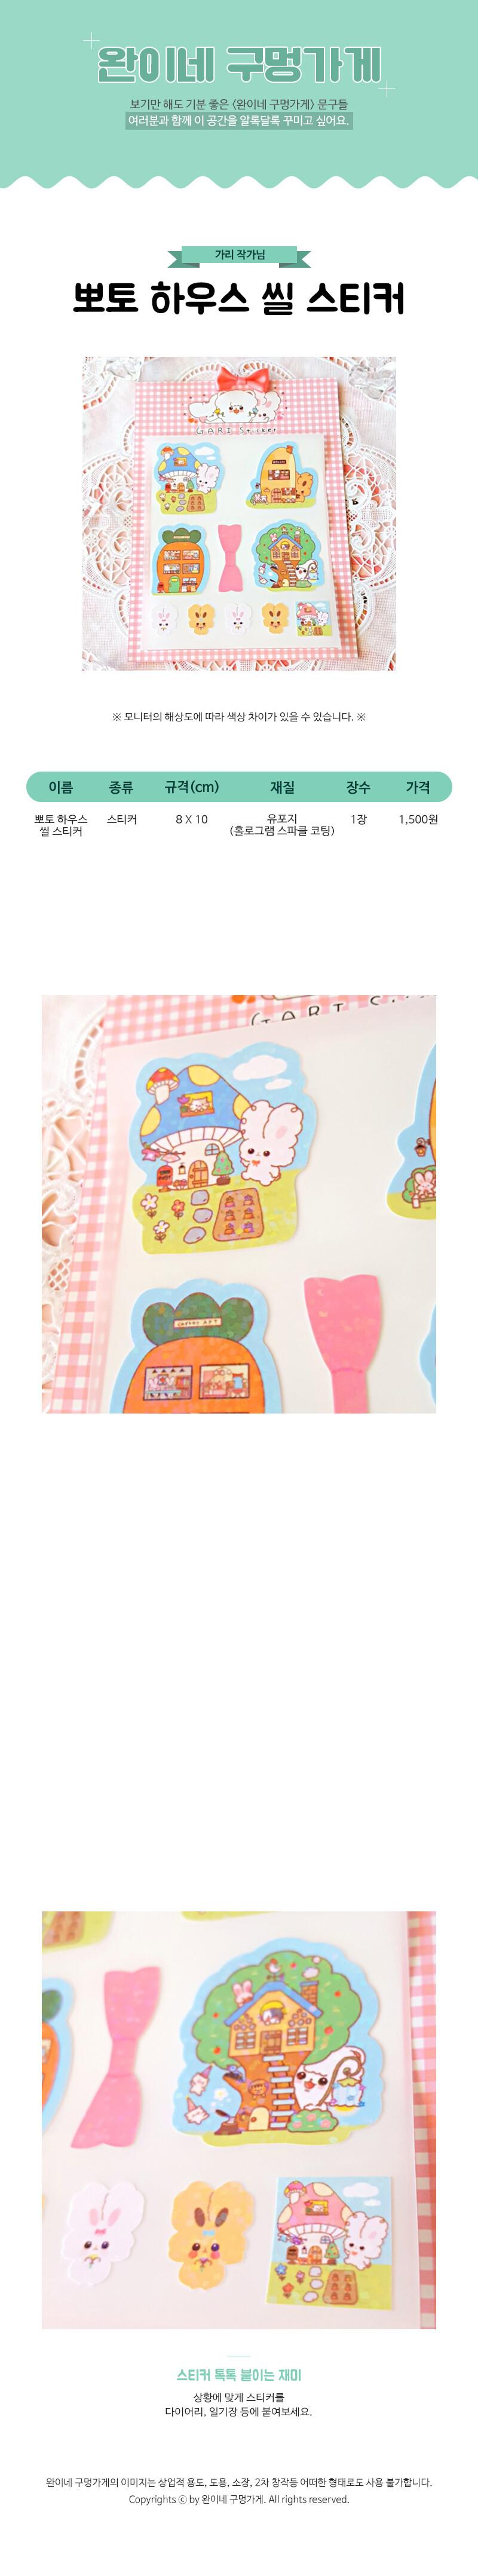 sticker481